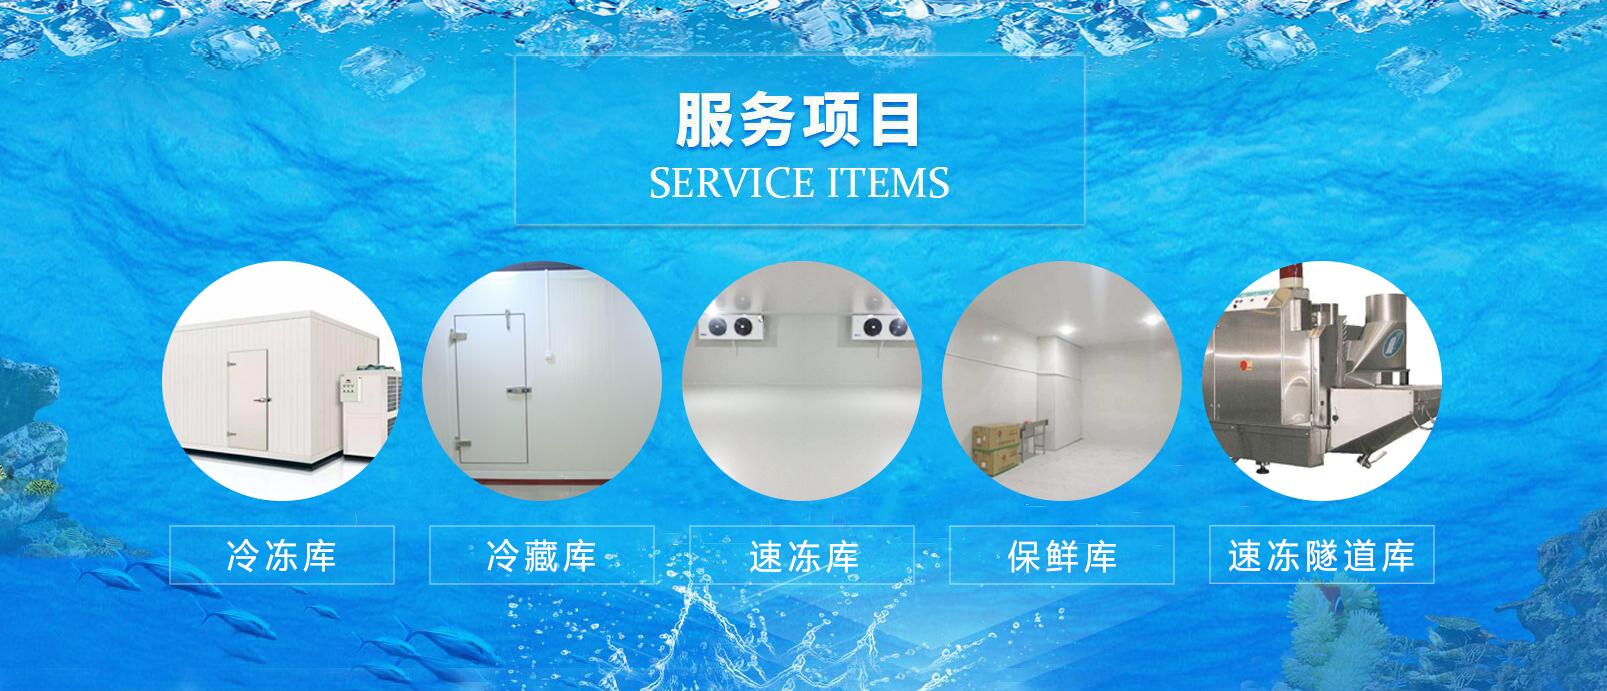 重庆冻库维修:冷冻库、冷藏库、速冻库、保鲜库、速冻隧道库。